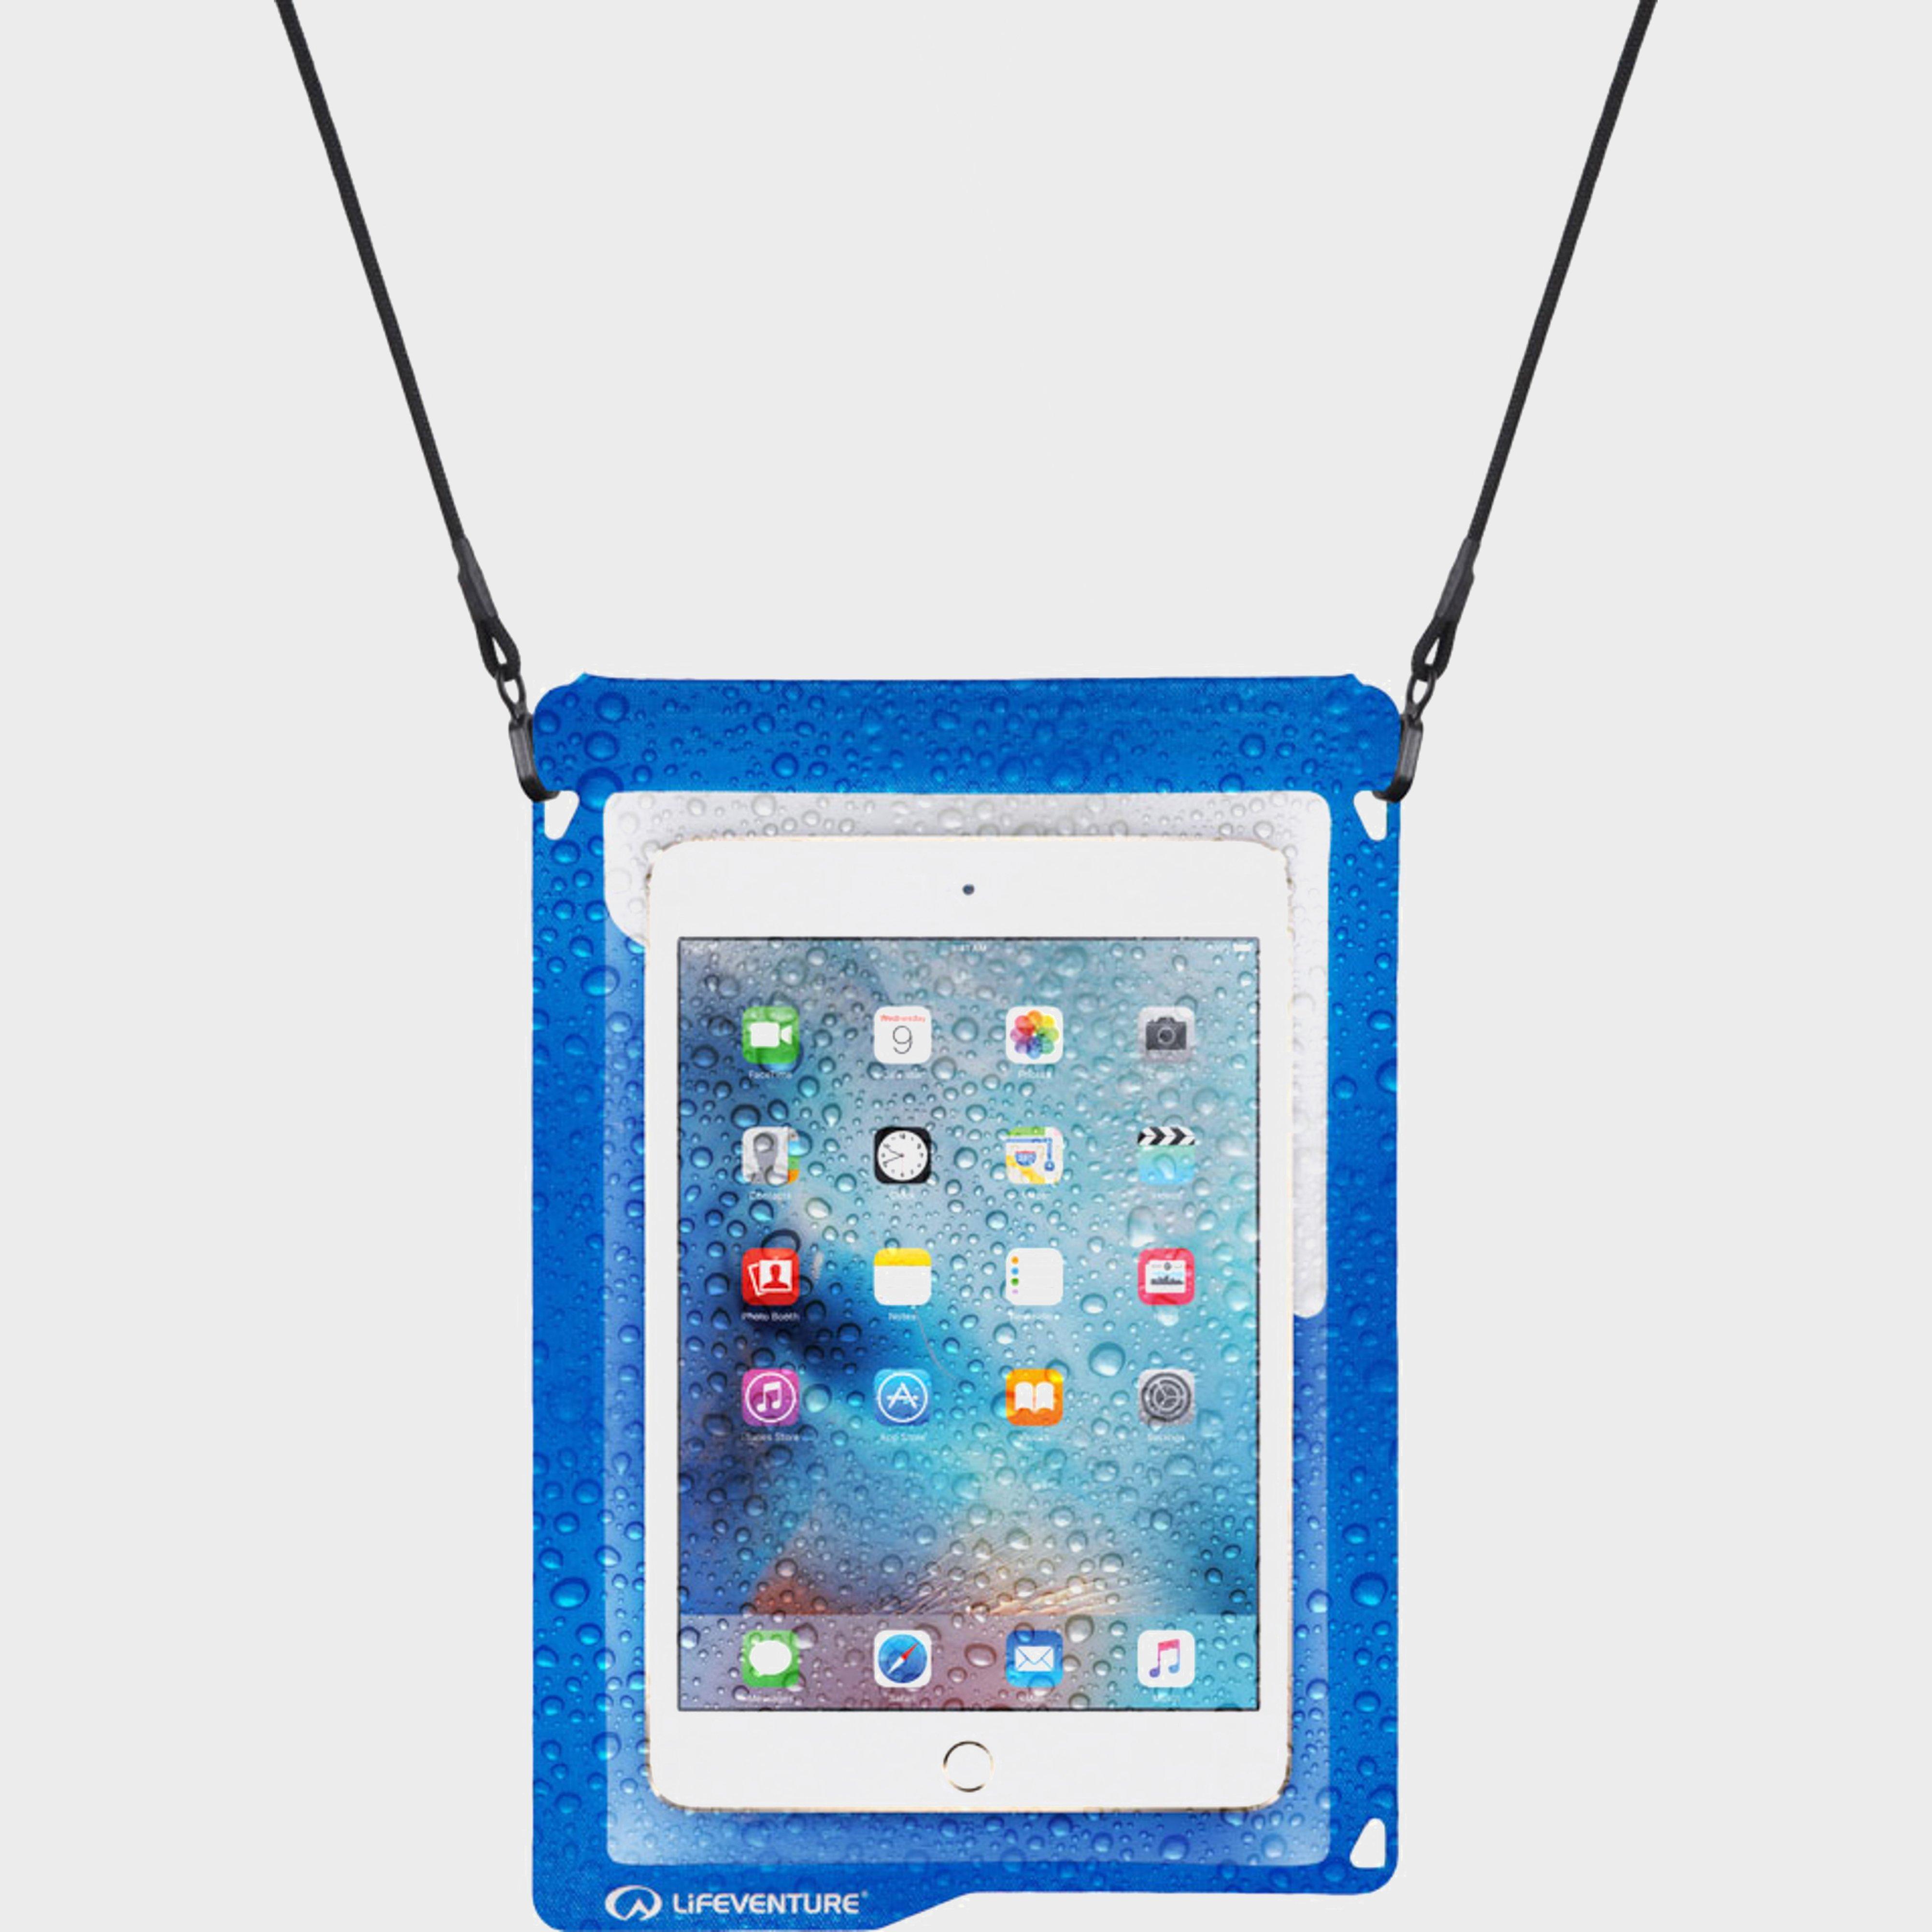 Lifeventure Lifeventure Hydroseal Waterproof Tablet Case - N/A, N/A